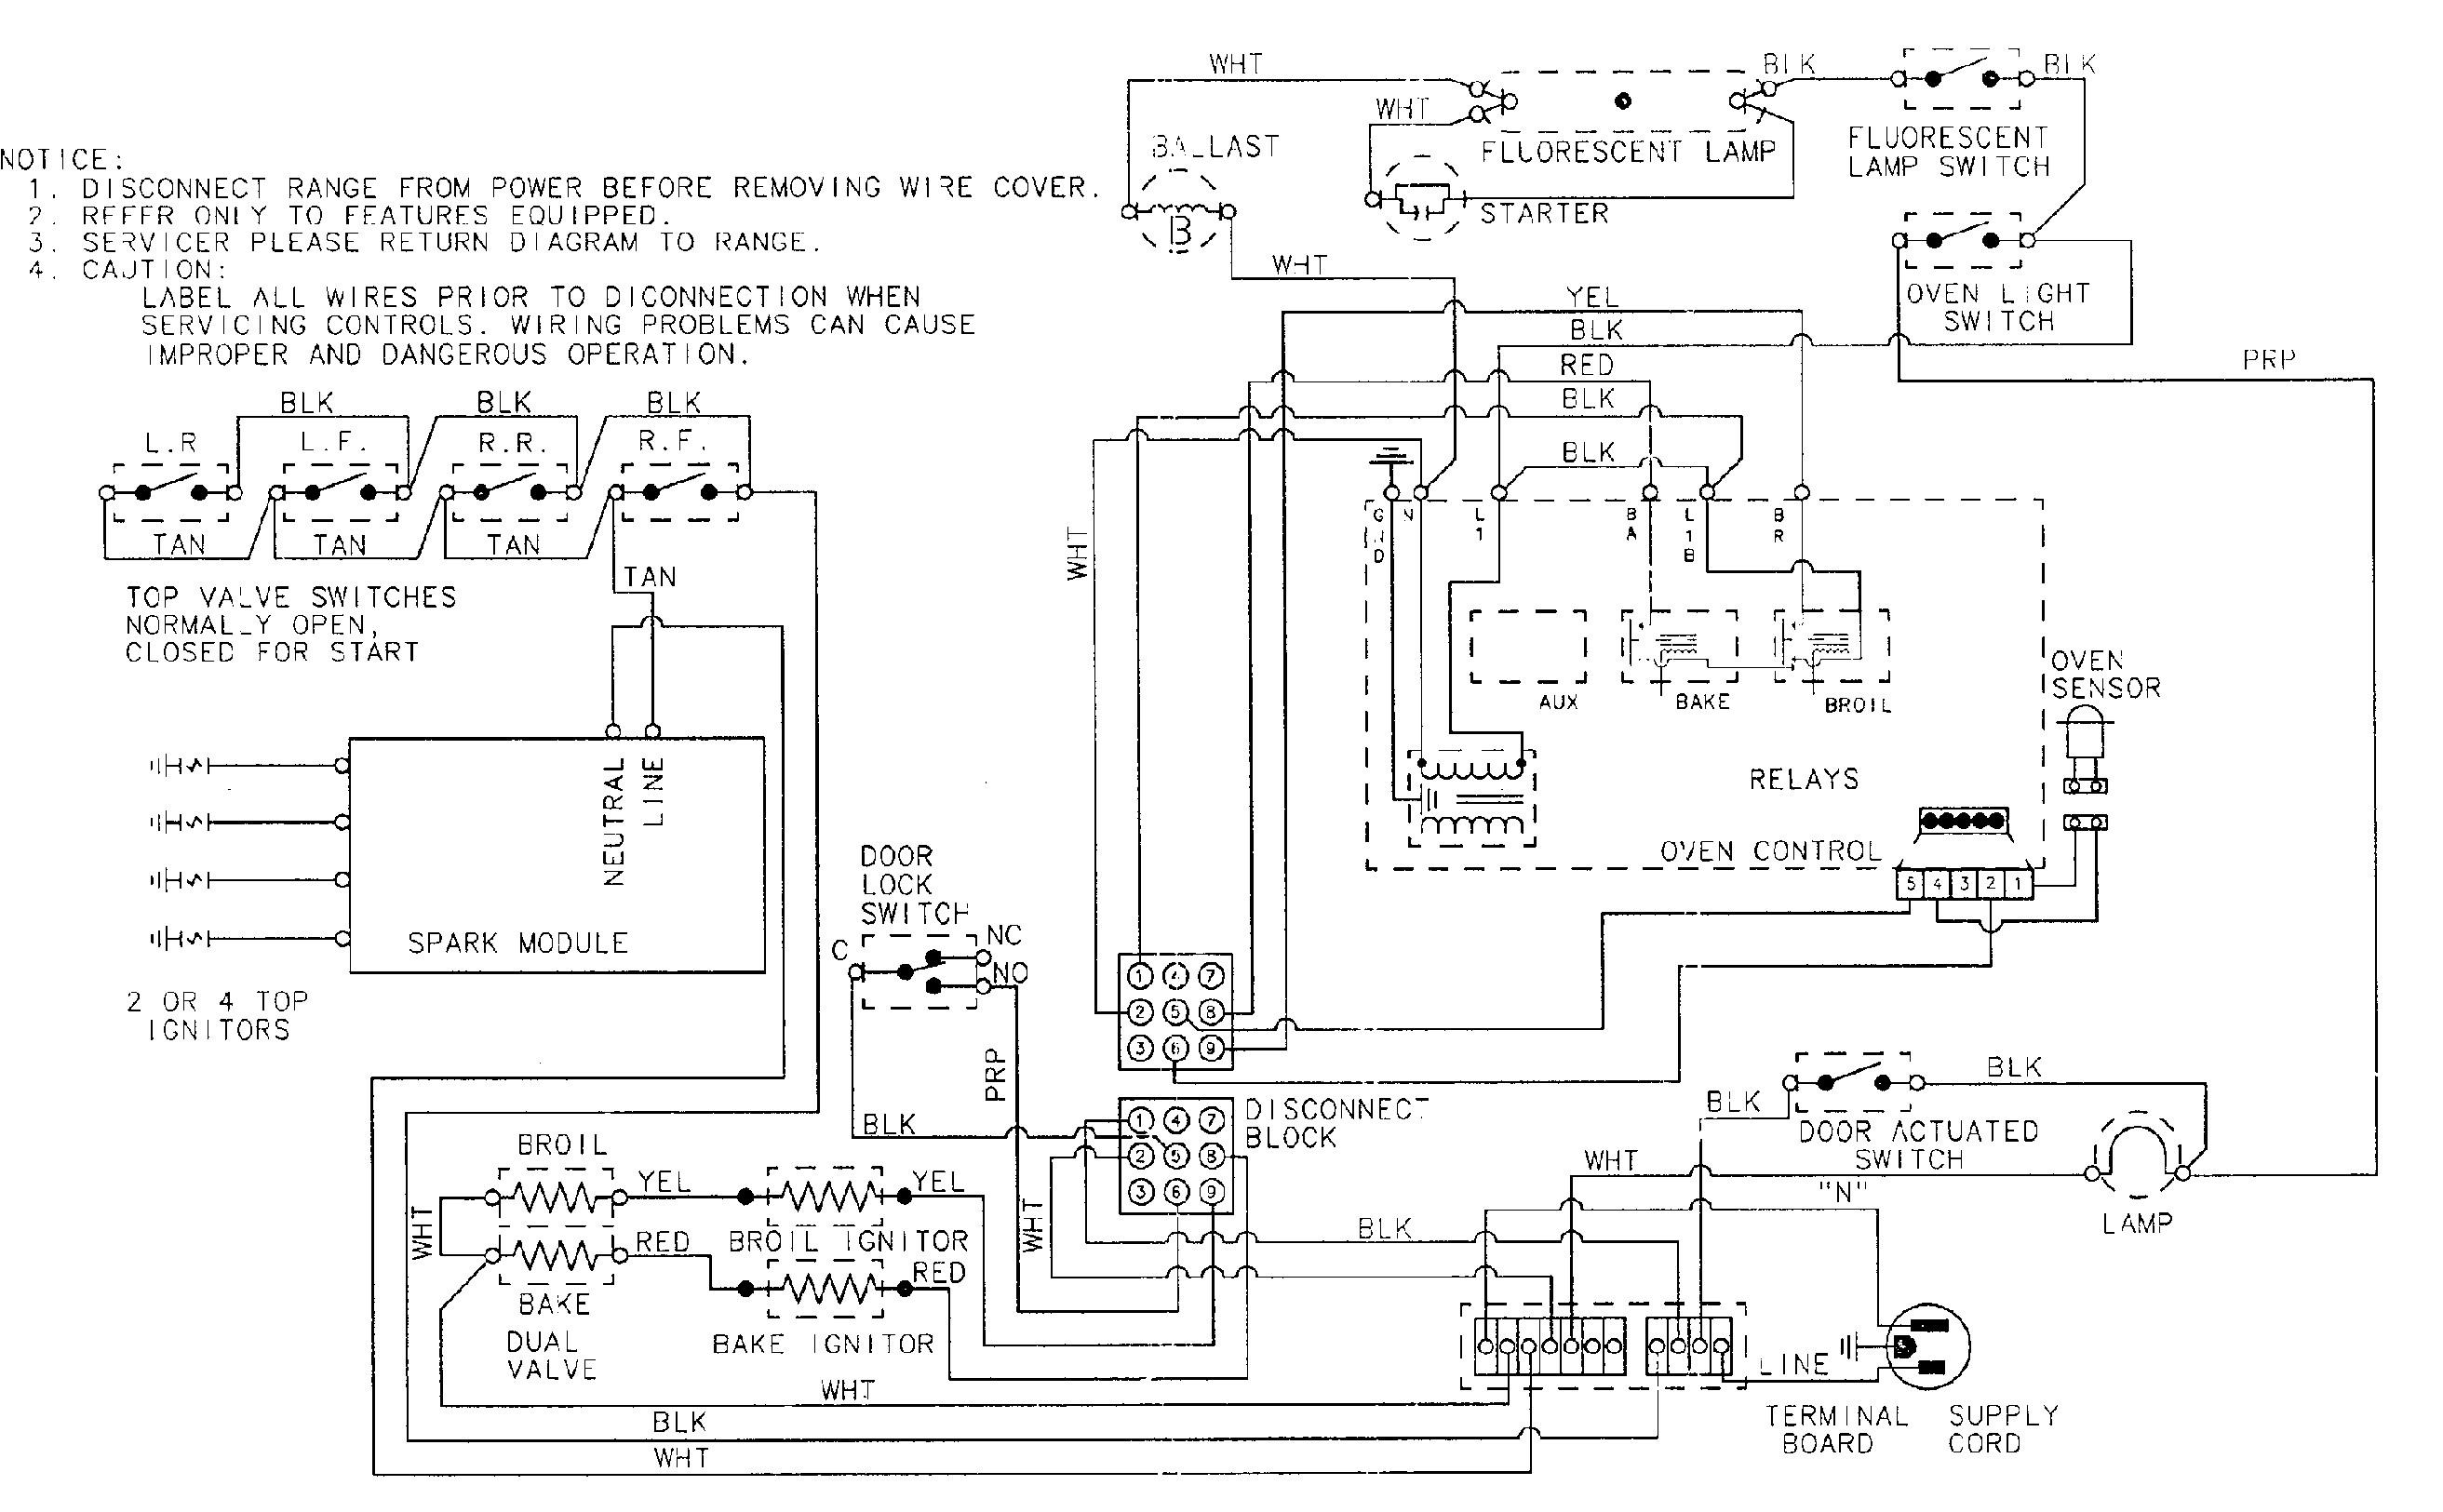 heartland rv wiring diagram Download-Unique Heartland Rv Wiring Diagram Wiring 1-p